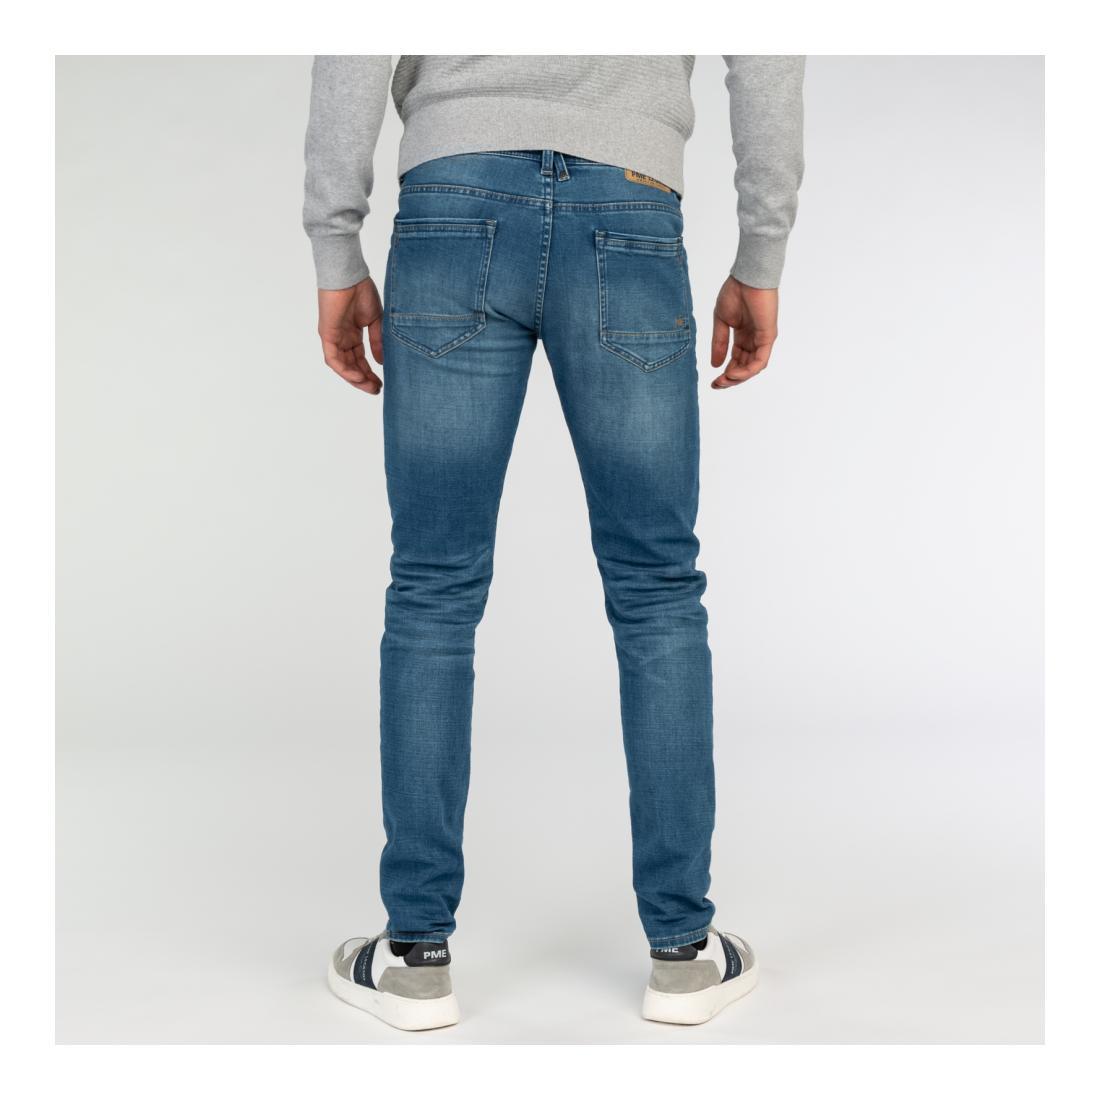 PME Legend Jeans Herren TAILWHEEL SOFT MID BLUE